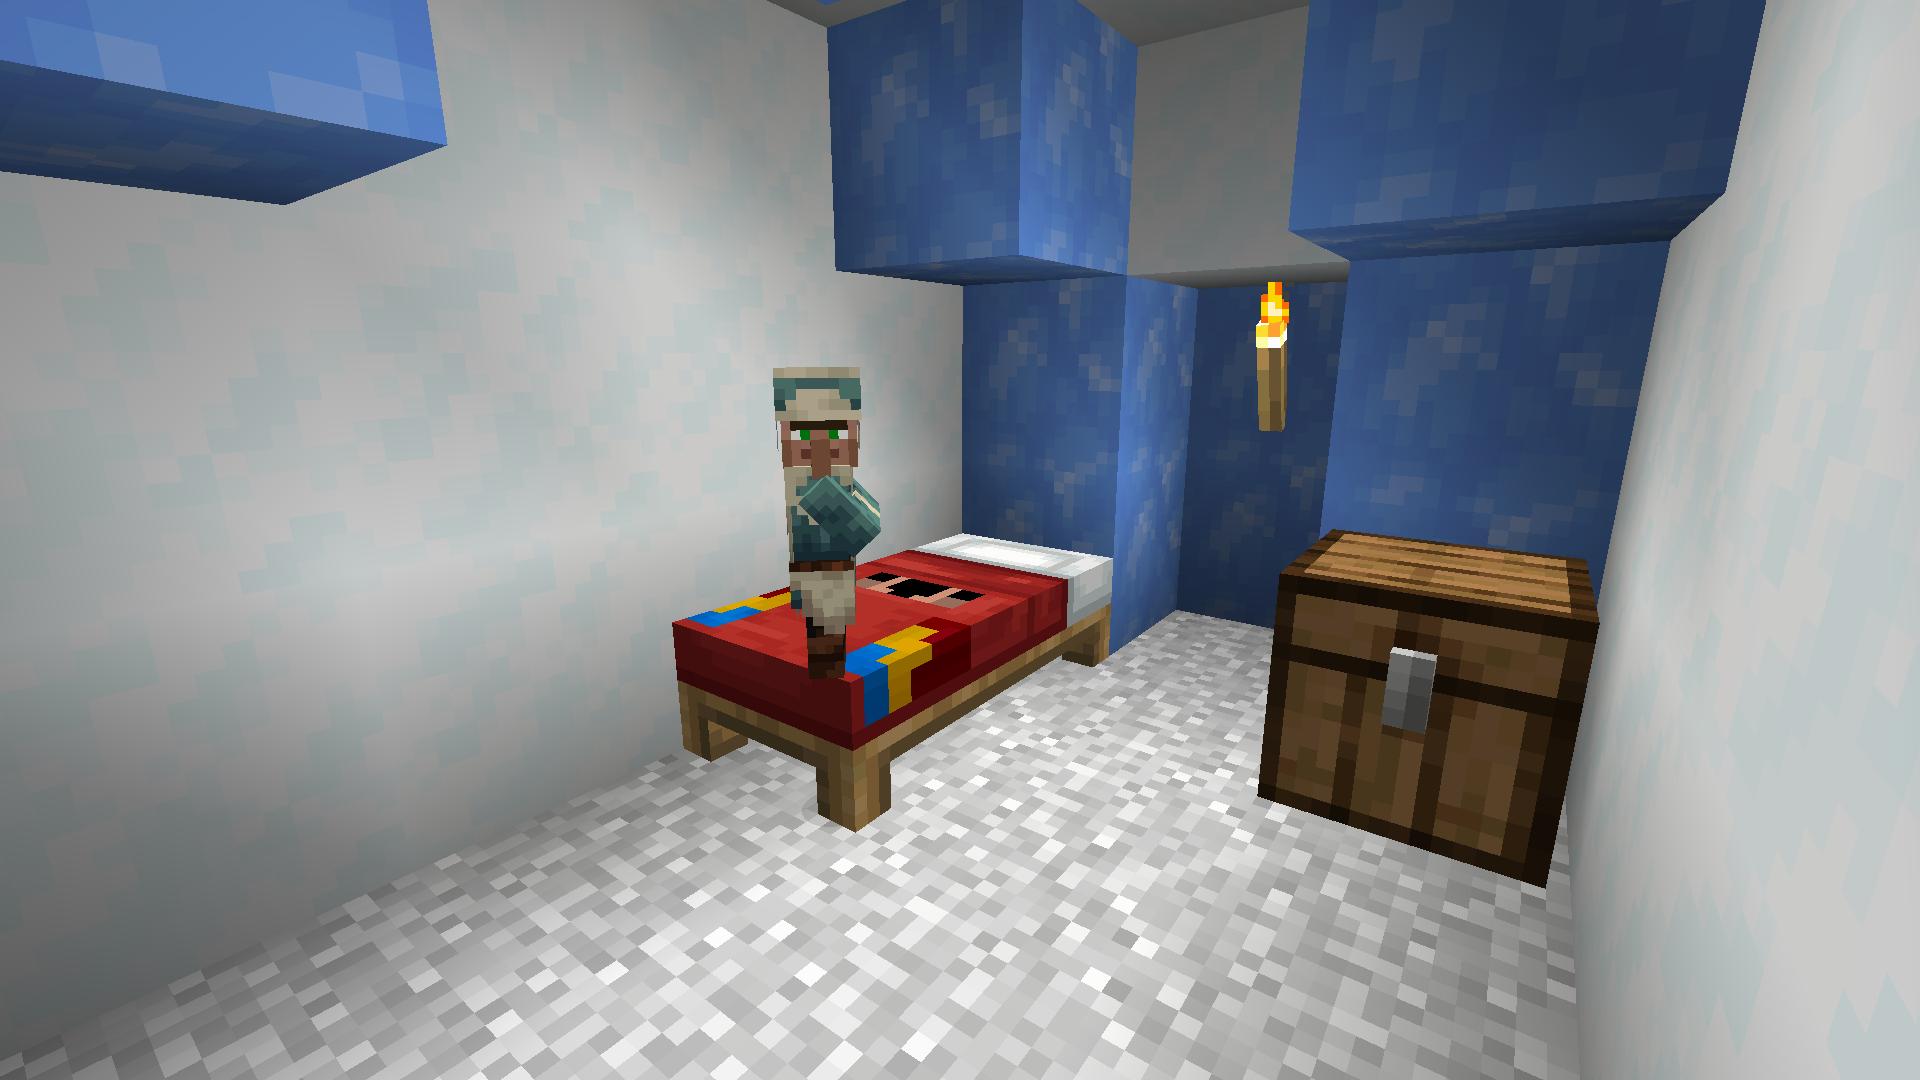 Un lit avec une texture différente